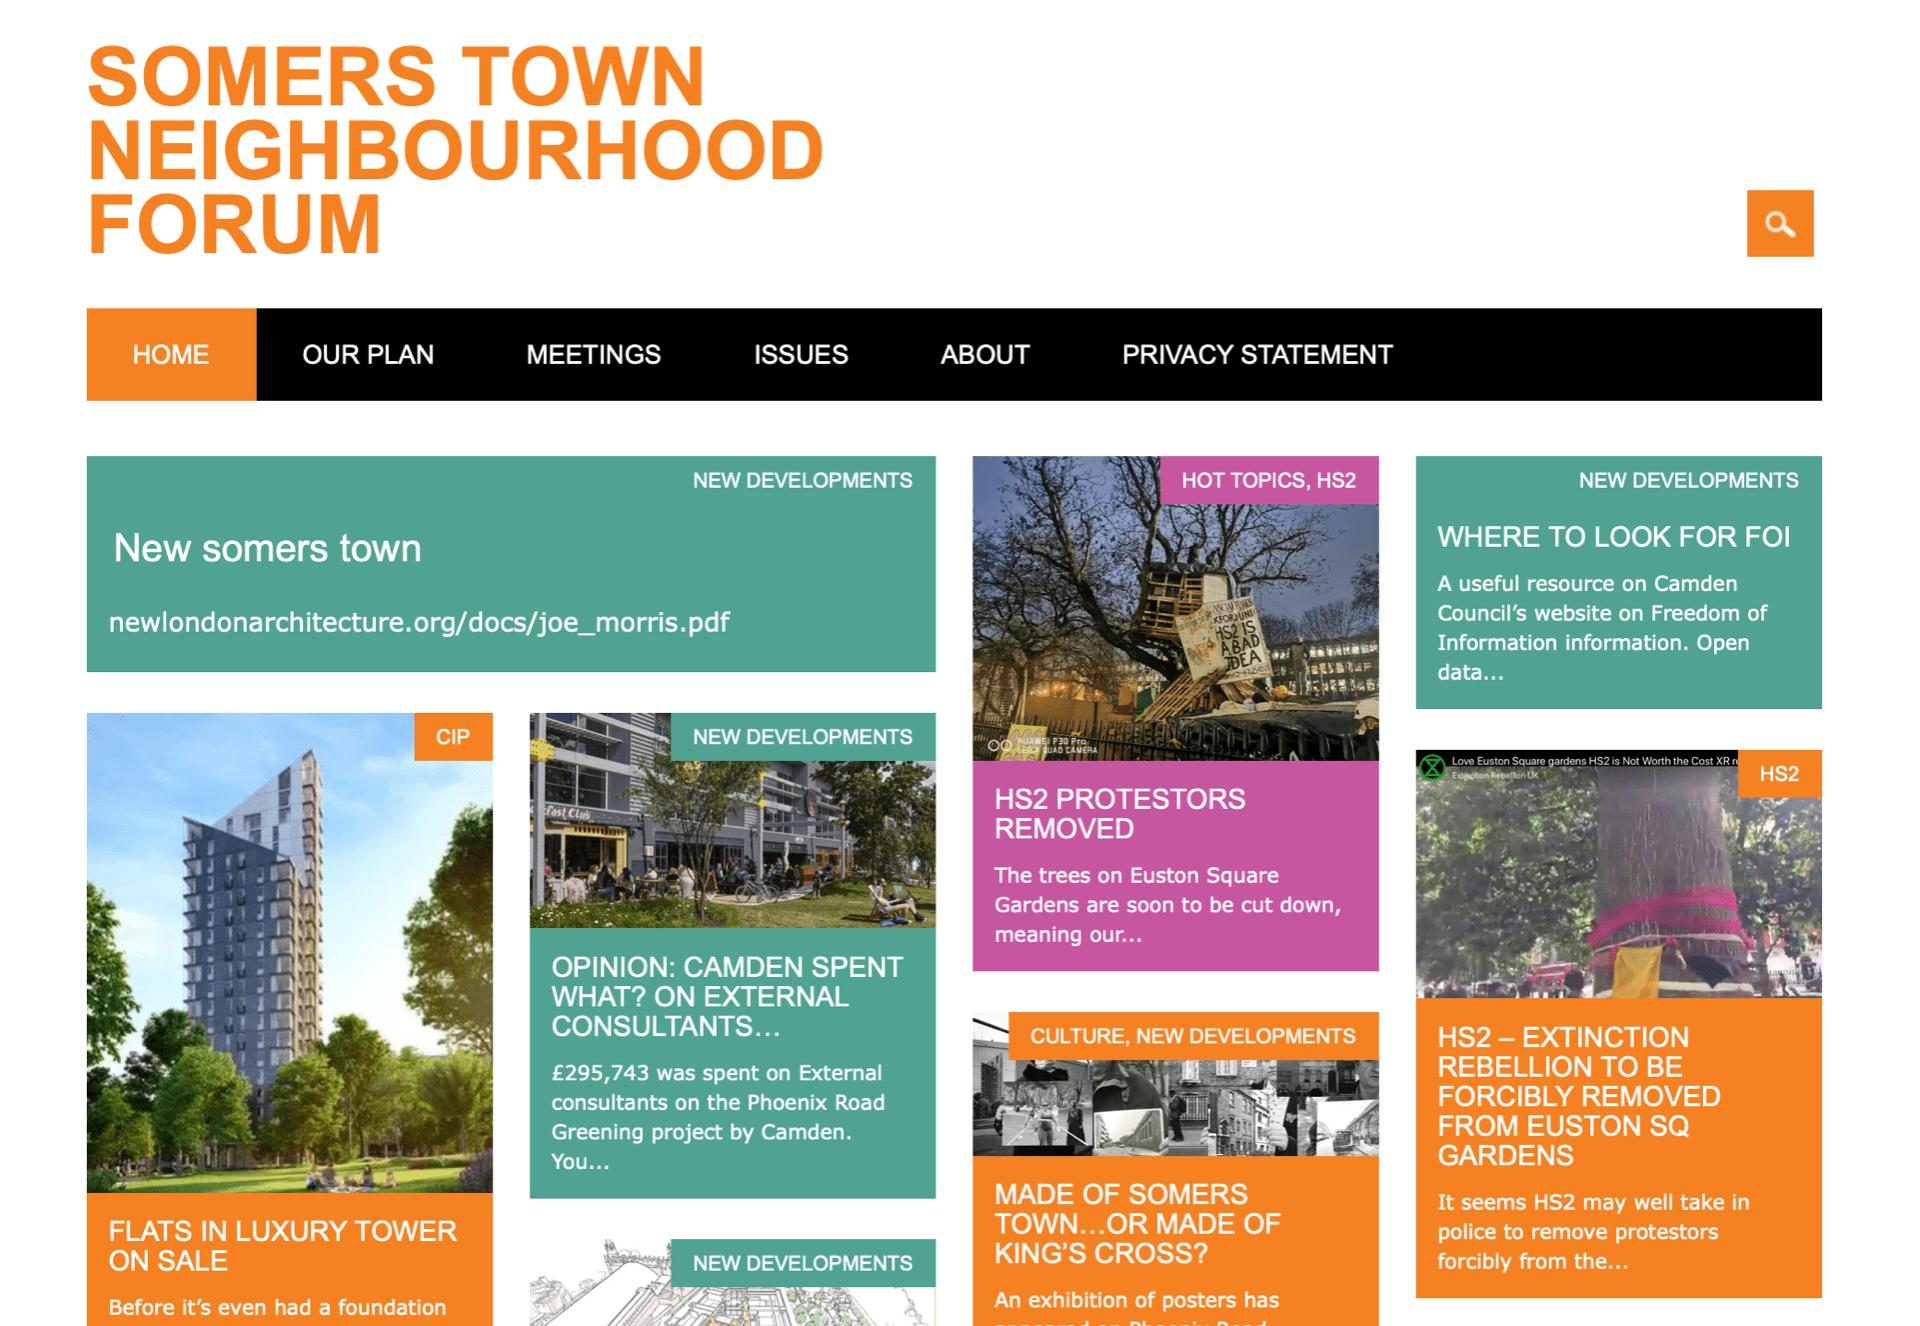 omers Town Neighbourhood Forum